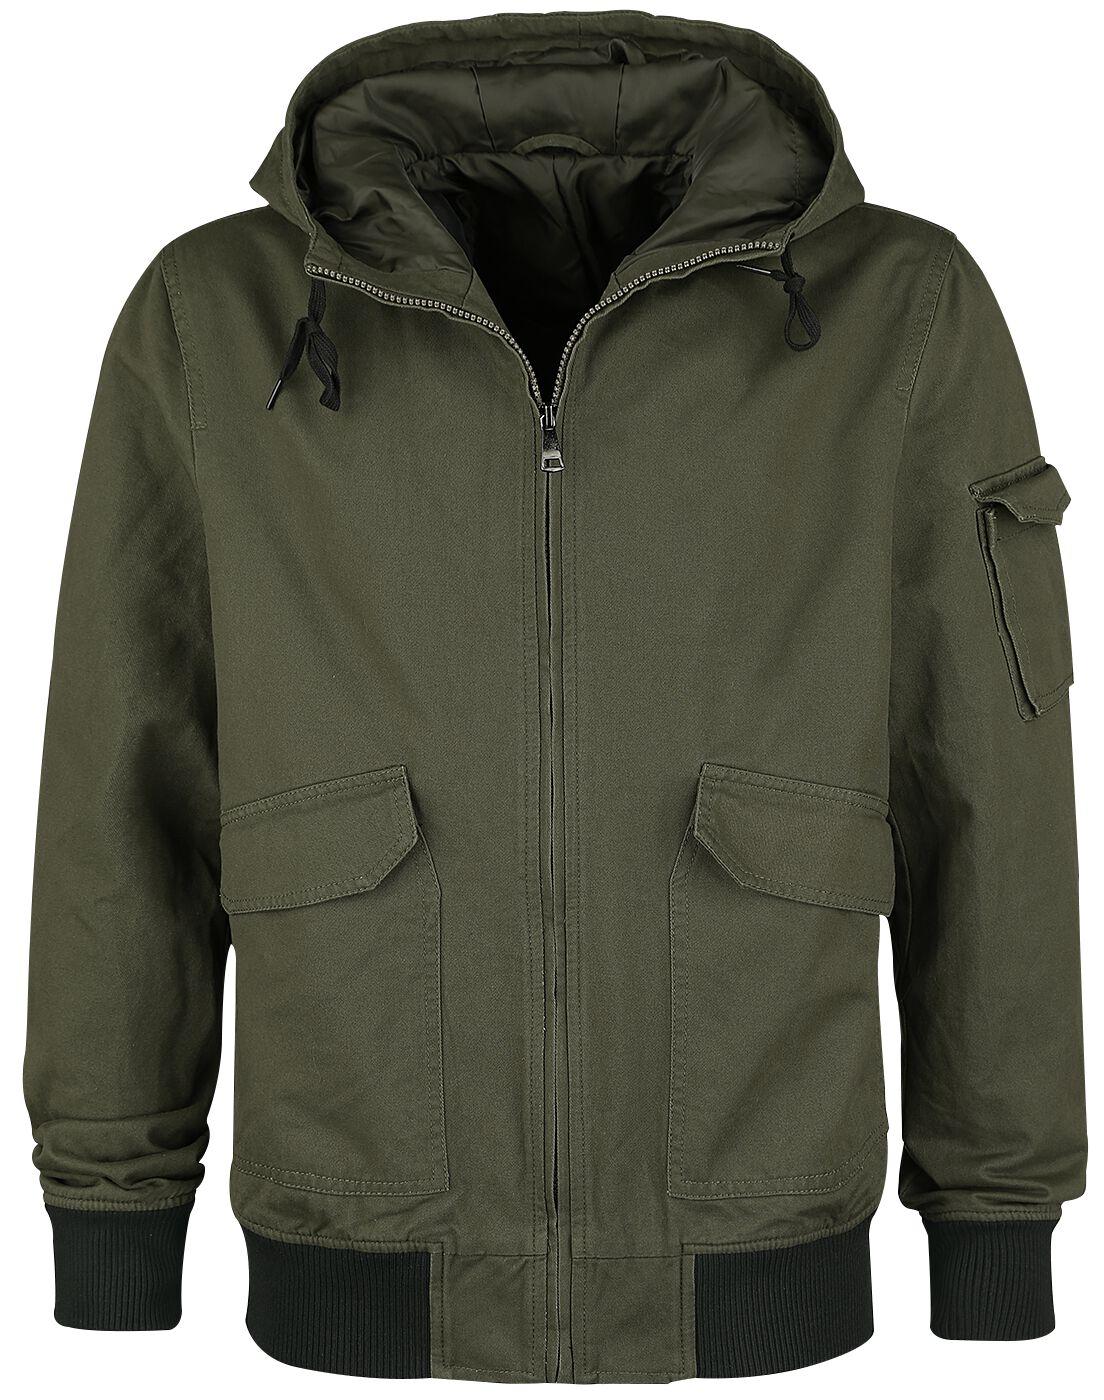 Image of   Forplay Hooded Canvas Jacket Jakke olivengrøn-sort